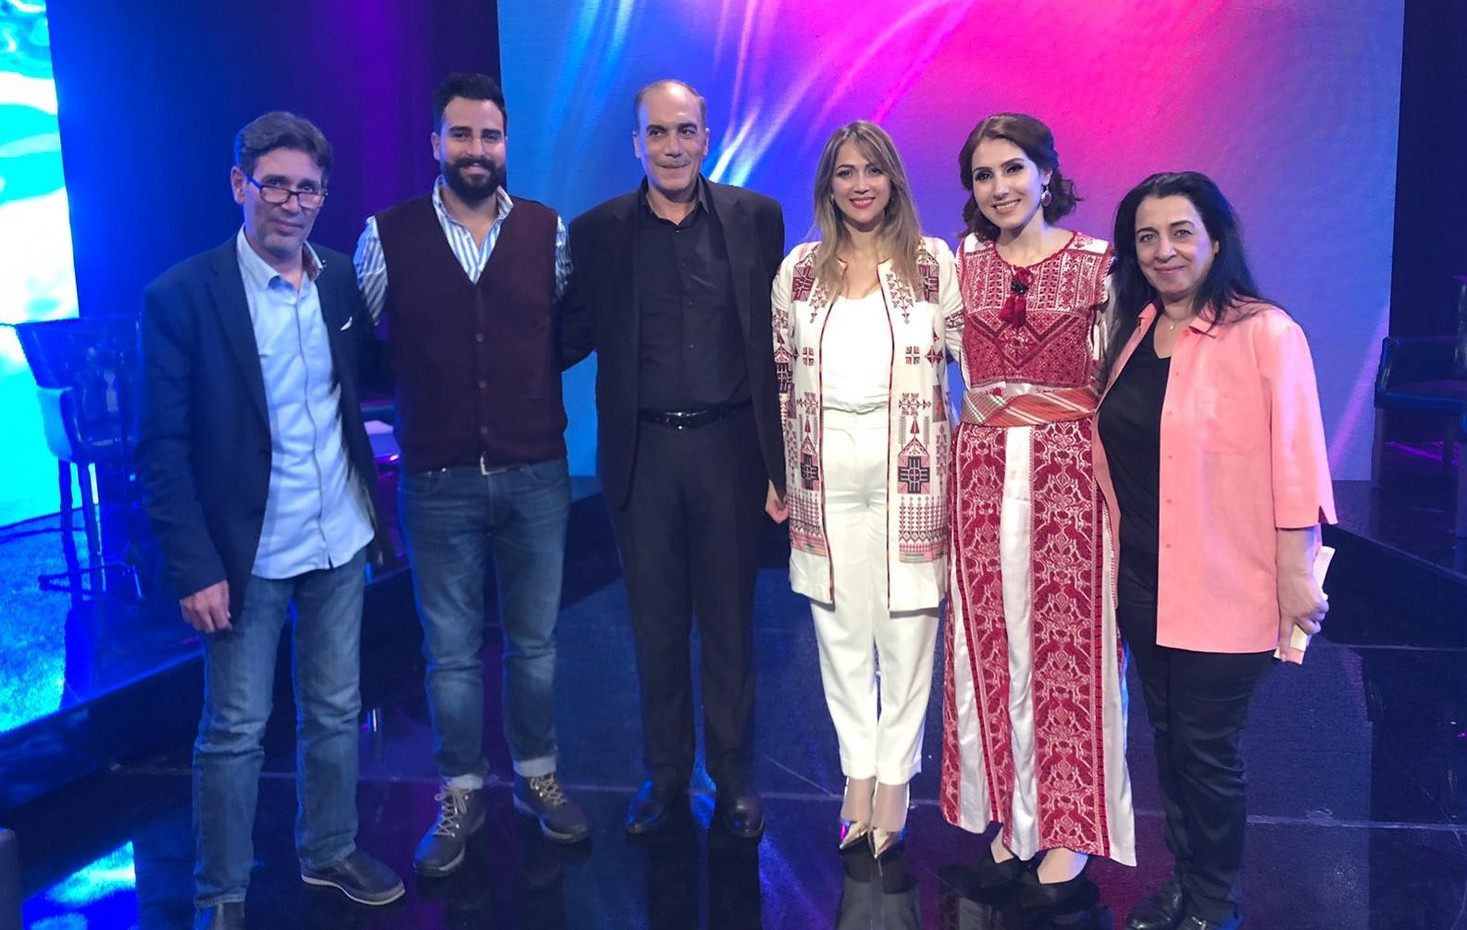 من مشاركتي في سهرة فنّية احتفالاً بمرور 5 سنوات على انطلاقة تلفزيون فلسطيني مع الإعلامي هشام جابر.. ومع مجموعة متميزة من الفنانين الفلسطينيين..